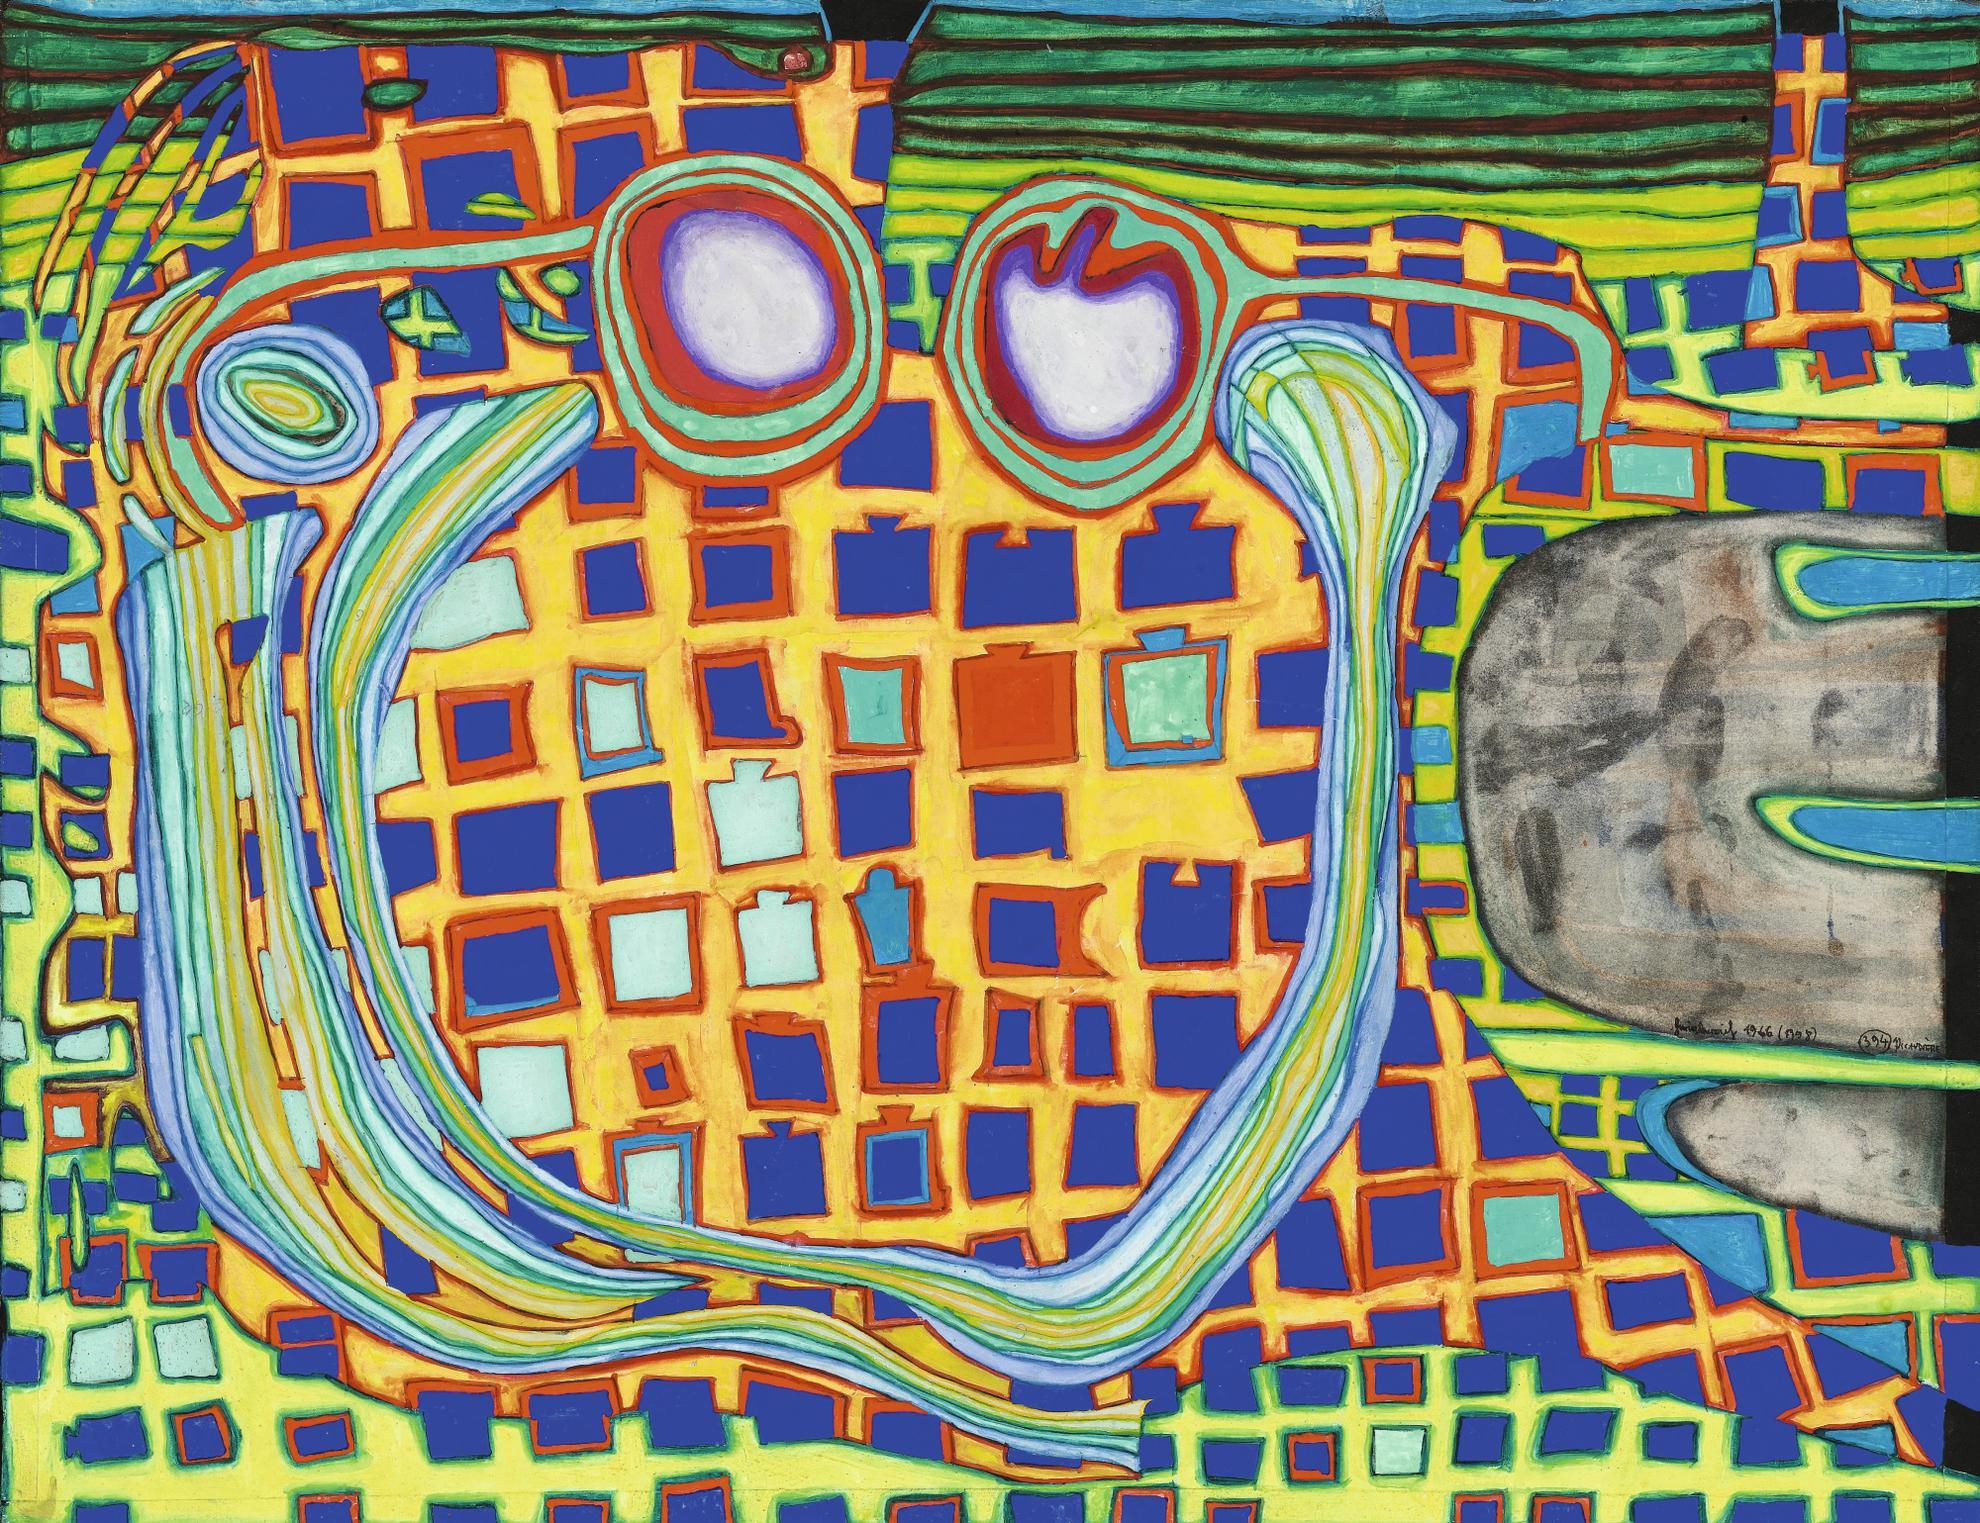 Friedensreich Hundertwasser-Les Lunettes Adoucissantes Dalain Jouffroy - Deuxieme Tableau Sous Leffet Moindre De La Philocybine-1966